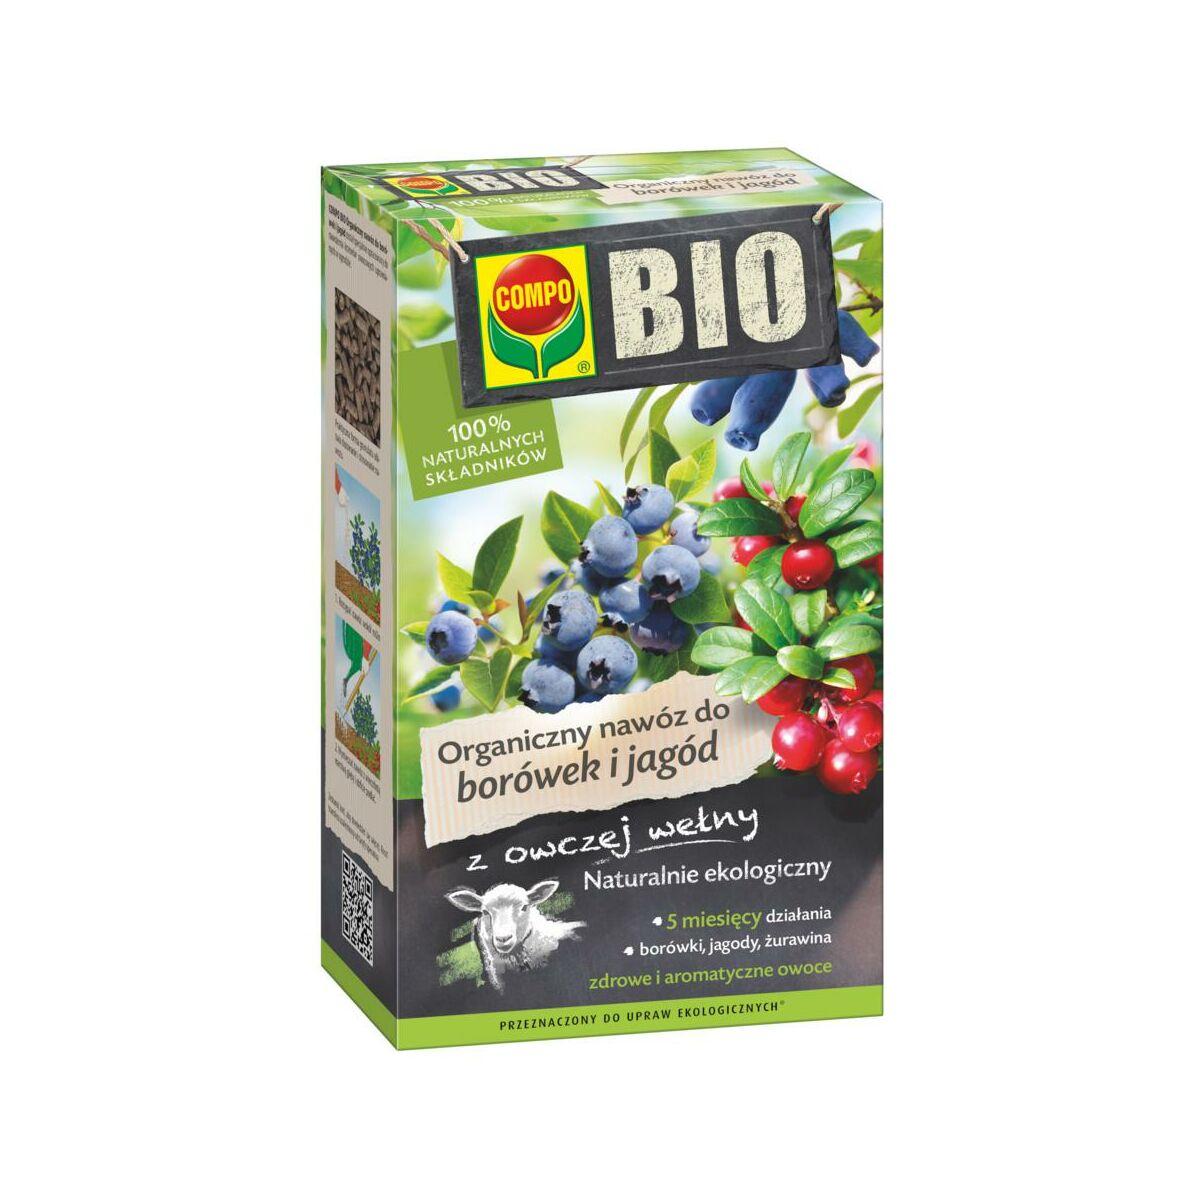 Nawoz Organiczny 0 75 Kg Compo Bio Nawozy I Odzywki W Atrakcyjnej Cenie W Sklepach Leroy Merlin